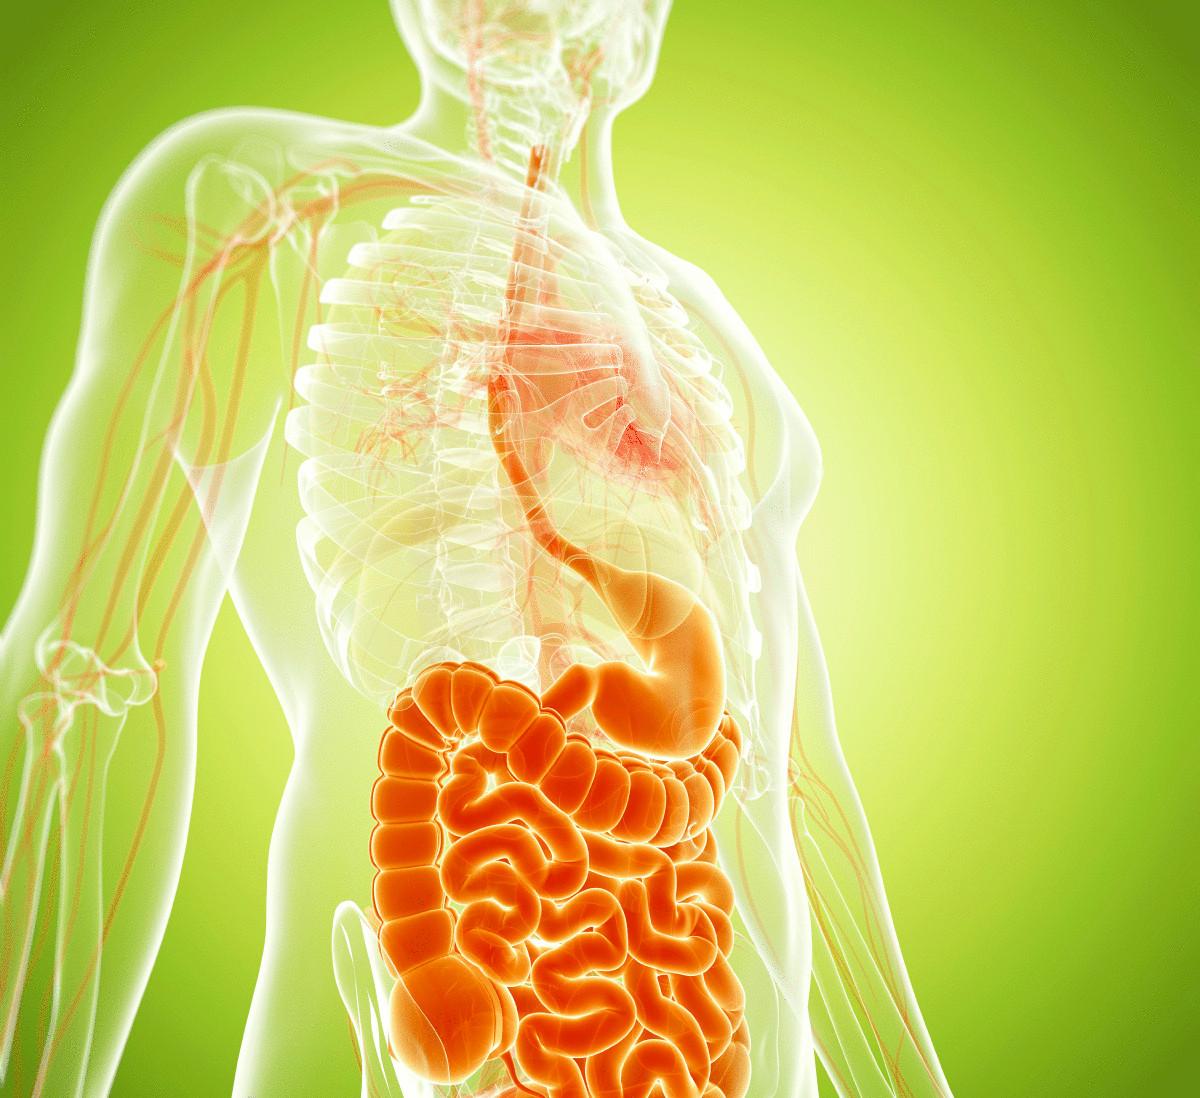 Диета при дивертикулезе кишечника: что можно и нельзя есть